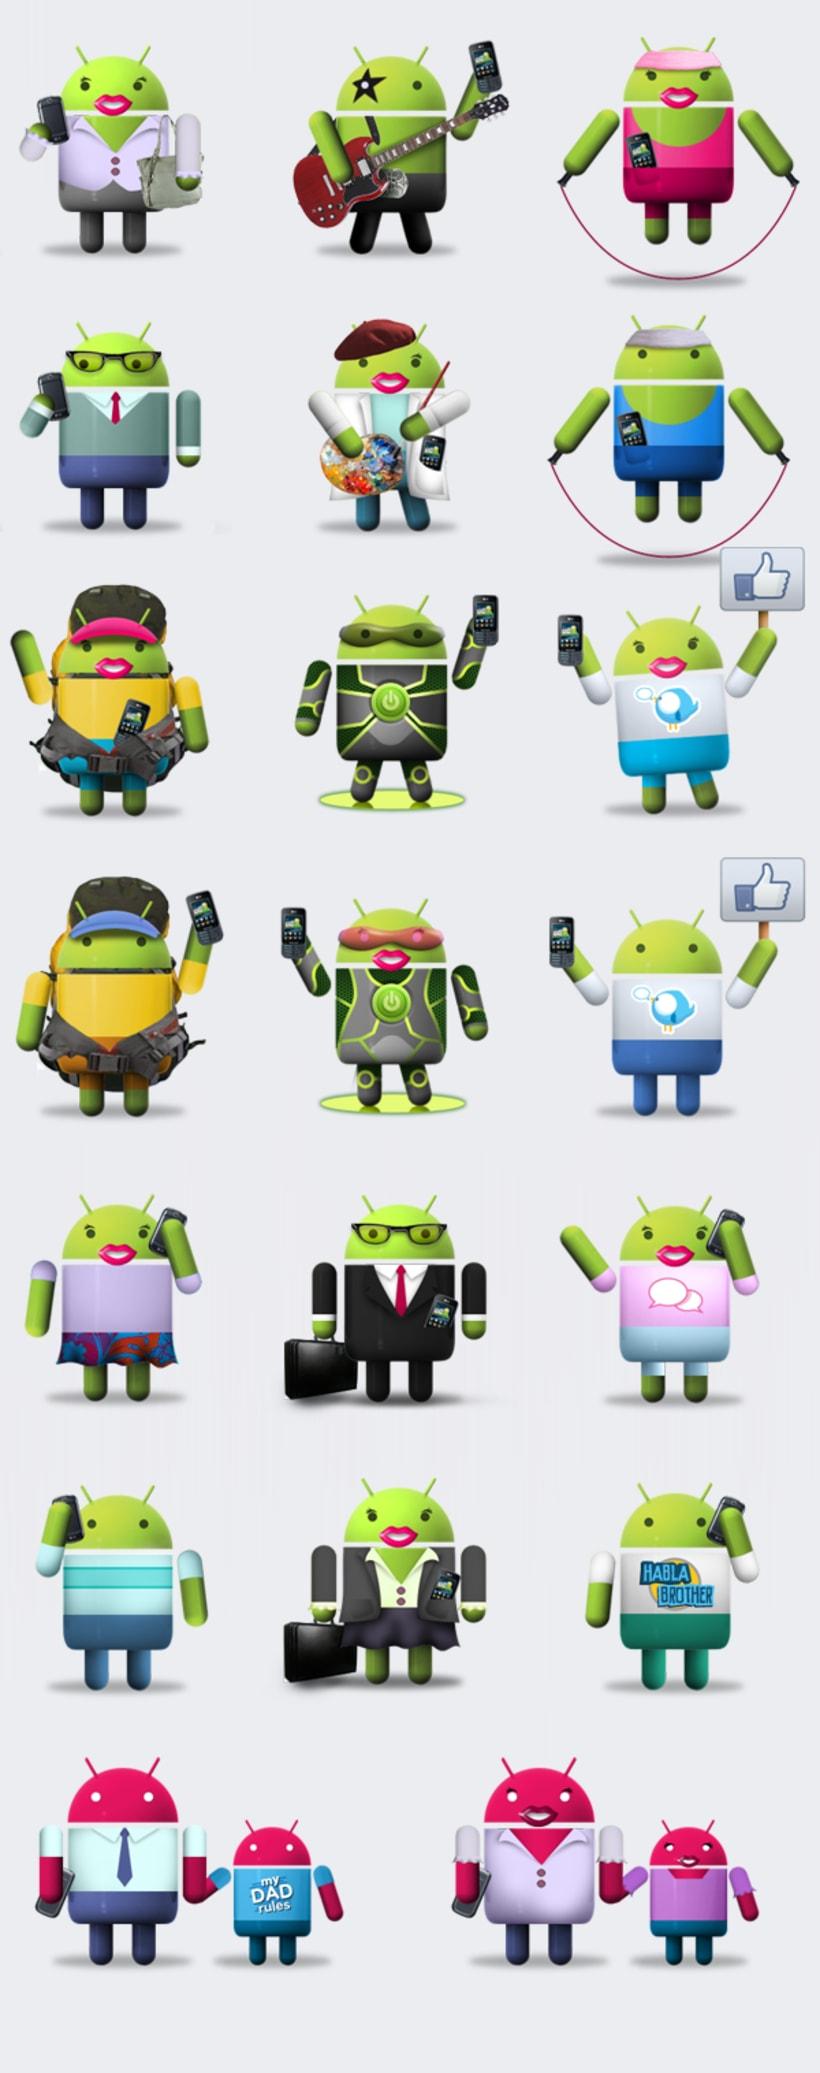 Diseño y animación de personajes / app Facebook LG 1